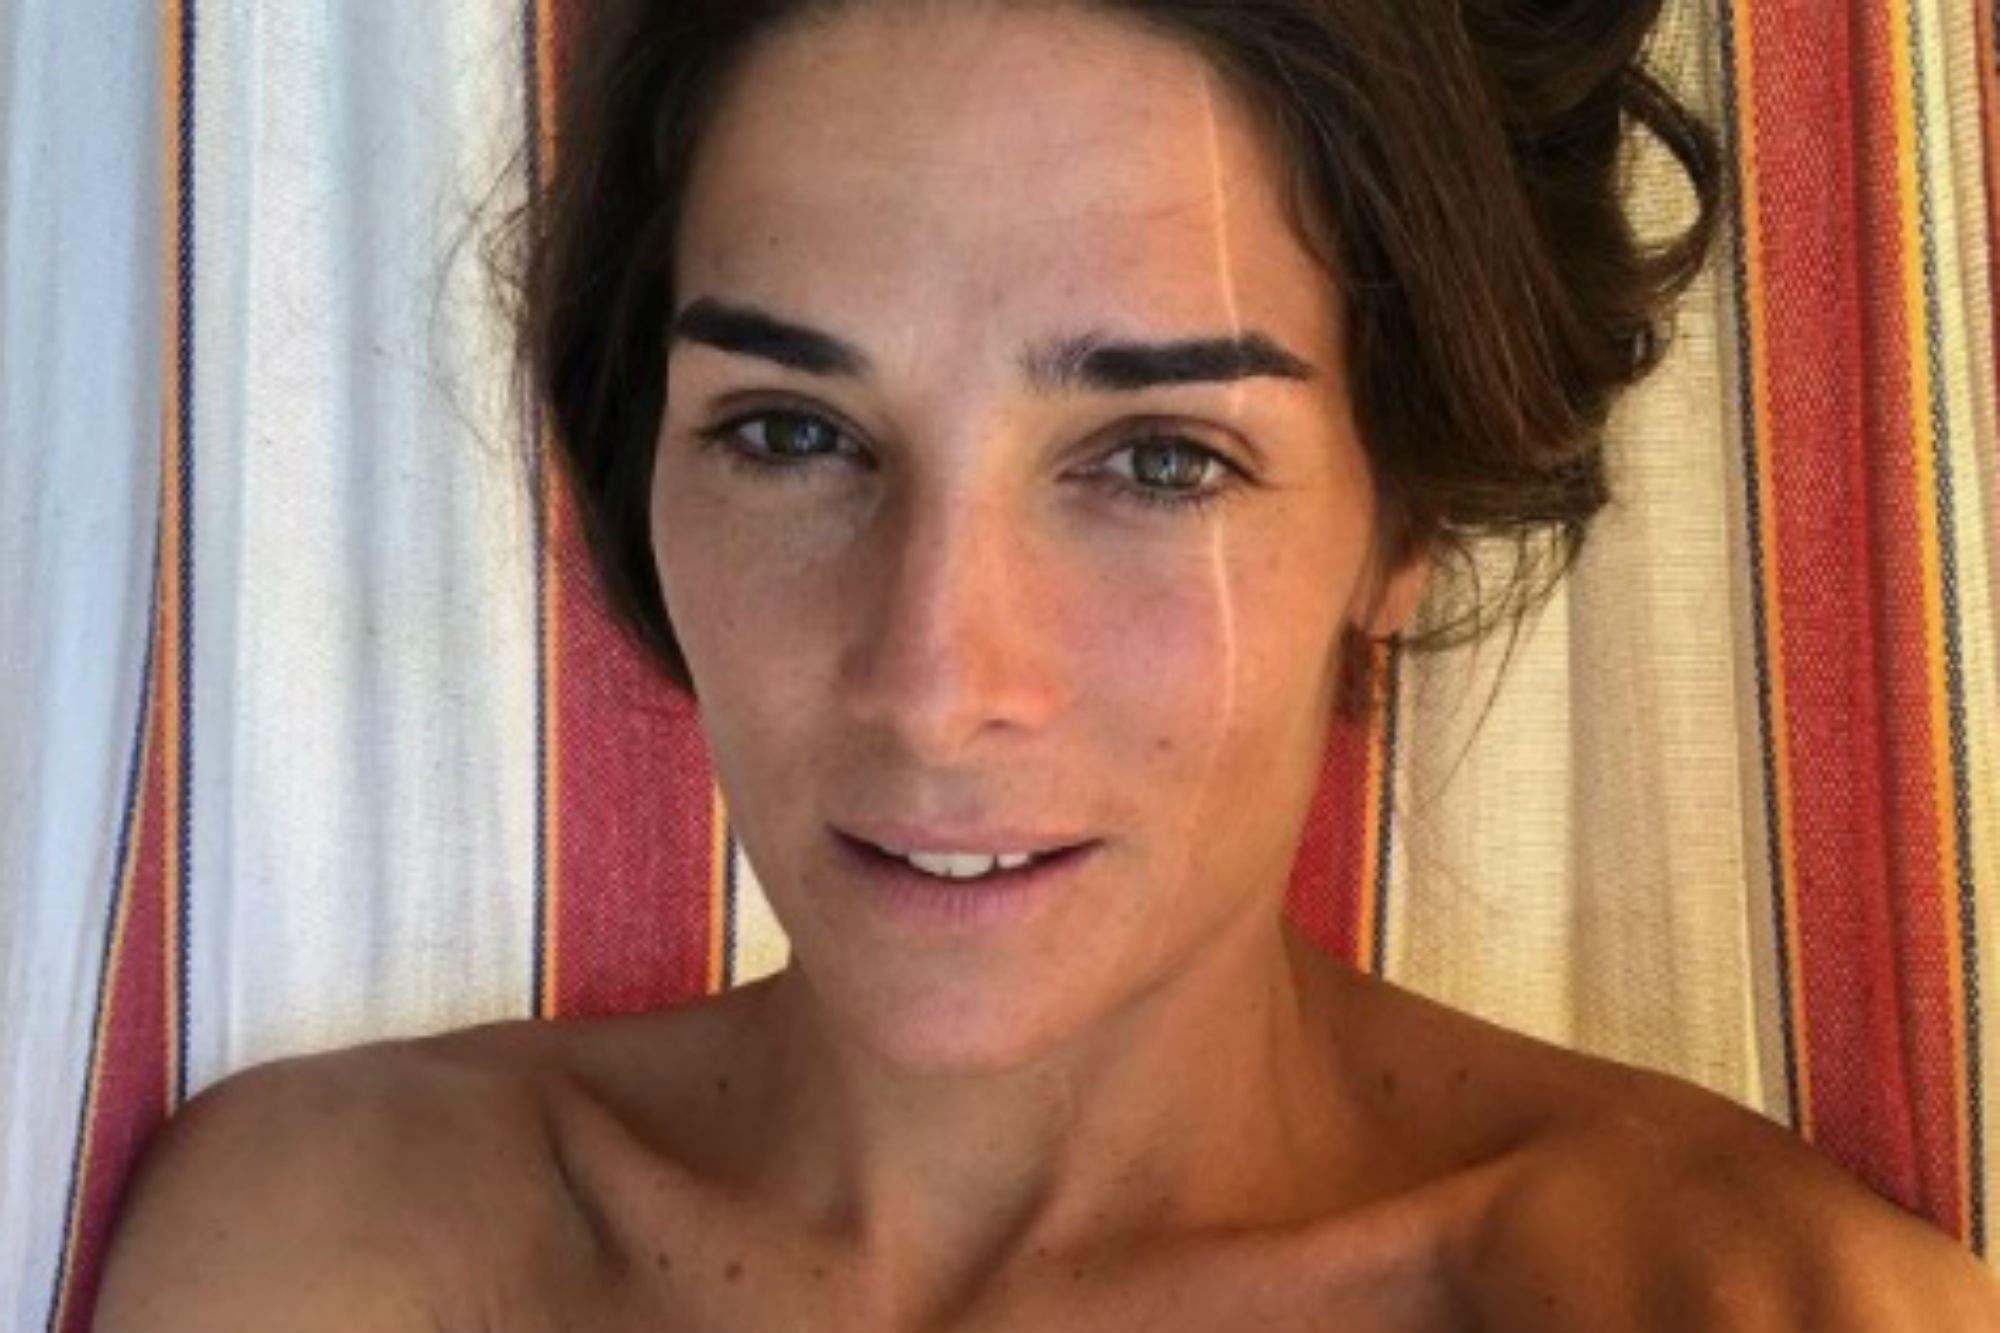 La sensuales fotos con las que Juana Viale despidió el 2020